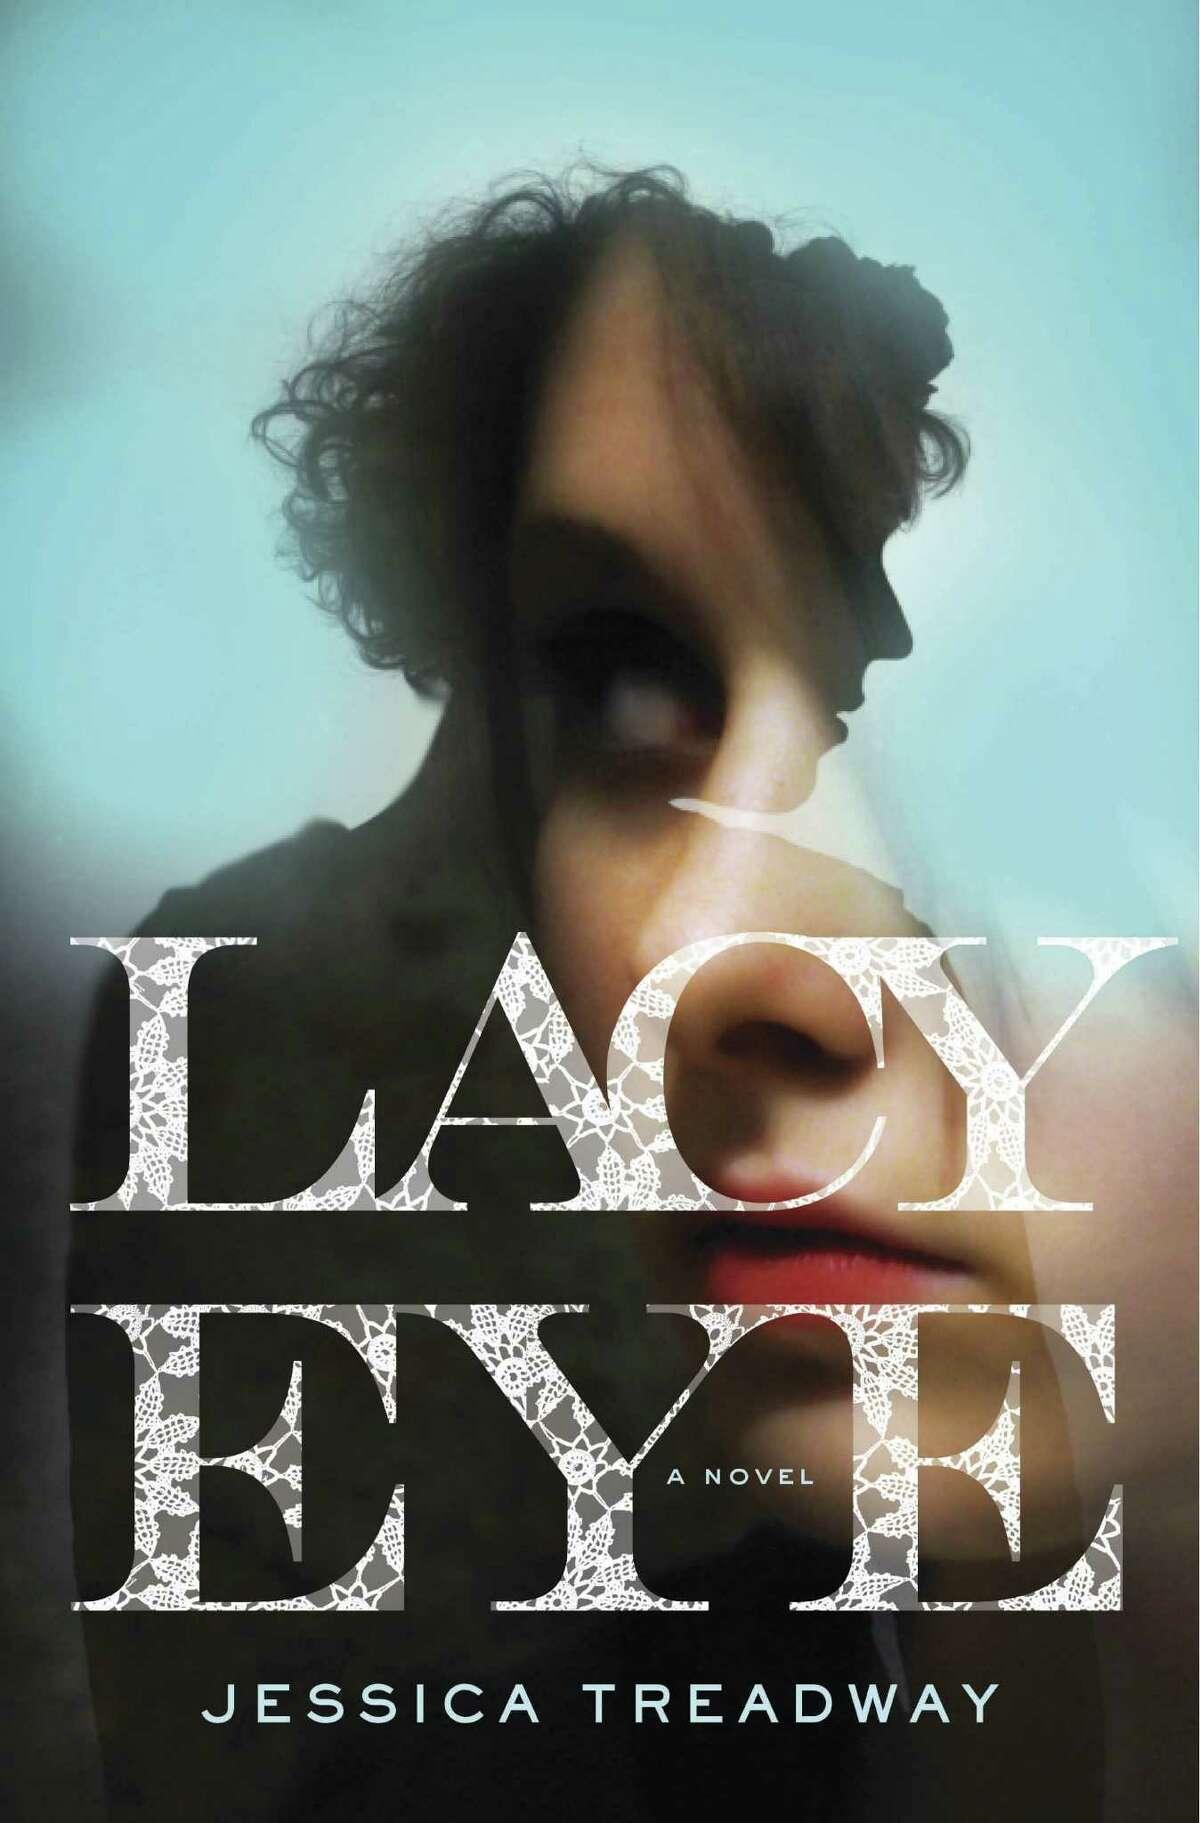 Lacy Eye by Jessica Treadway.